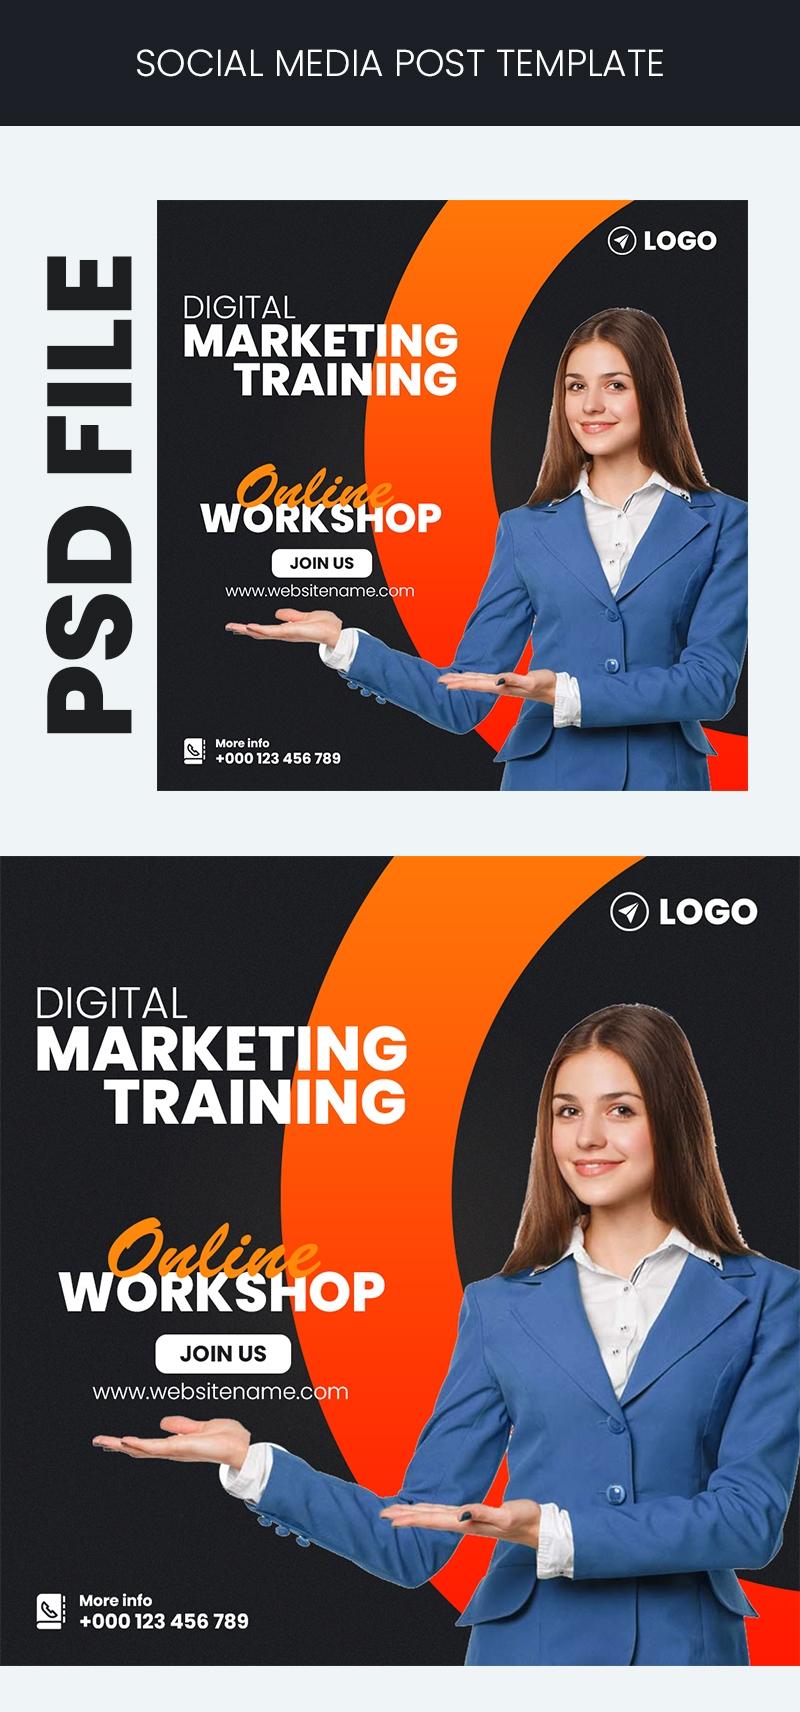 Digital Marketing Training Social Media Post Template